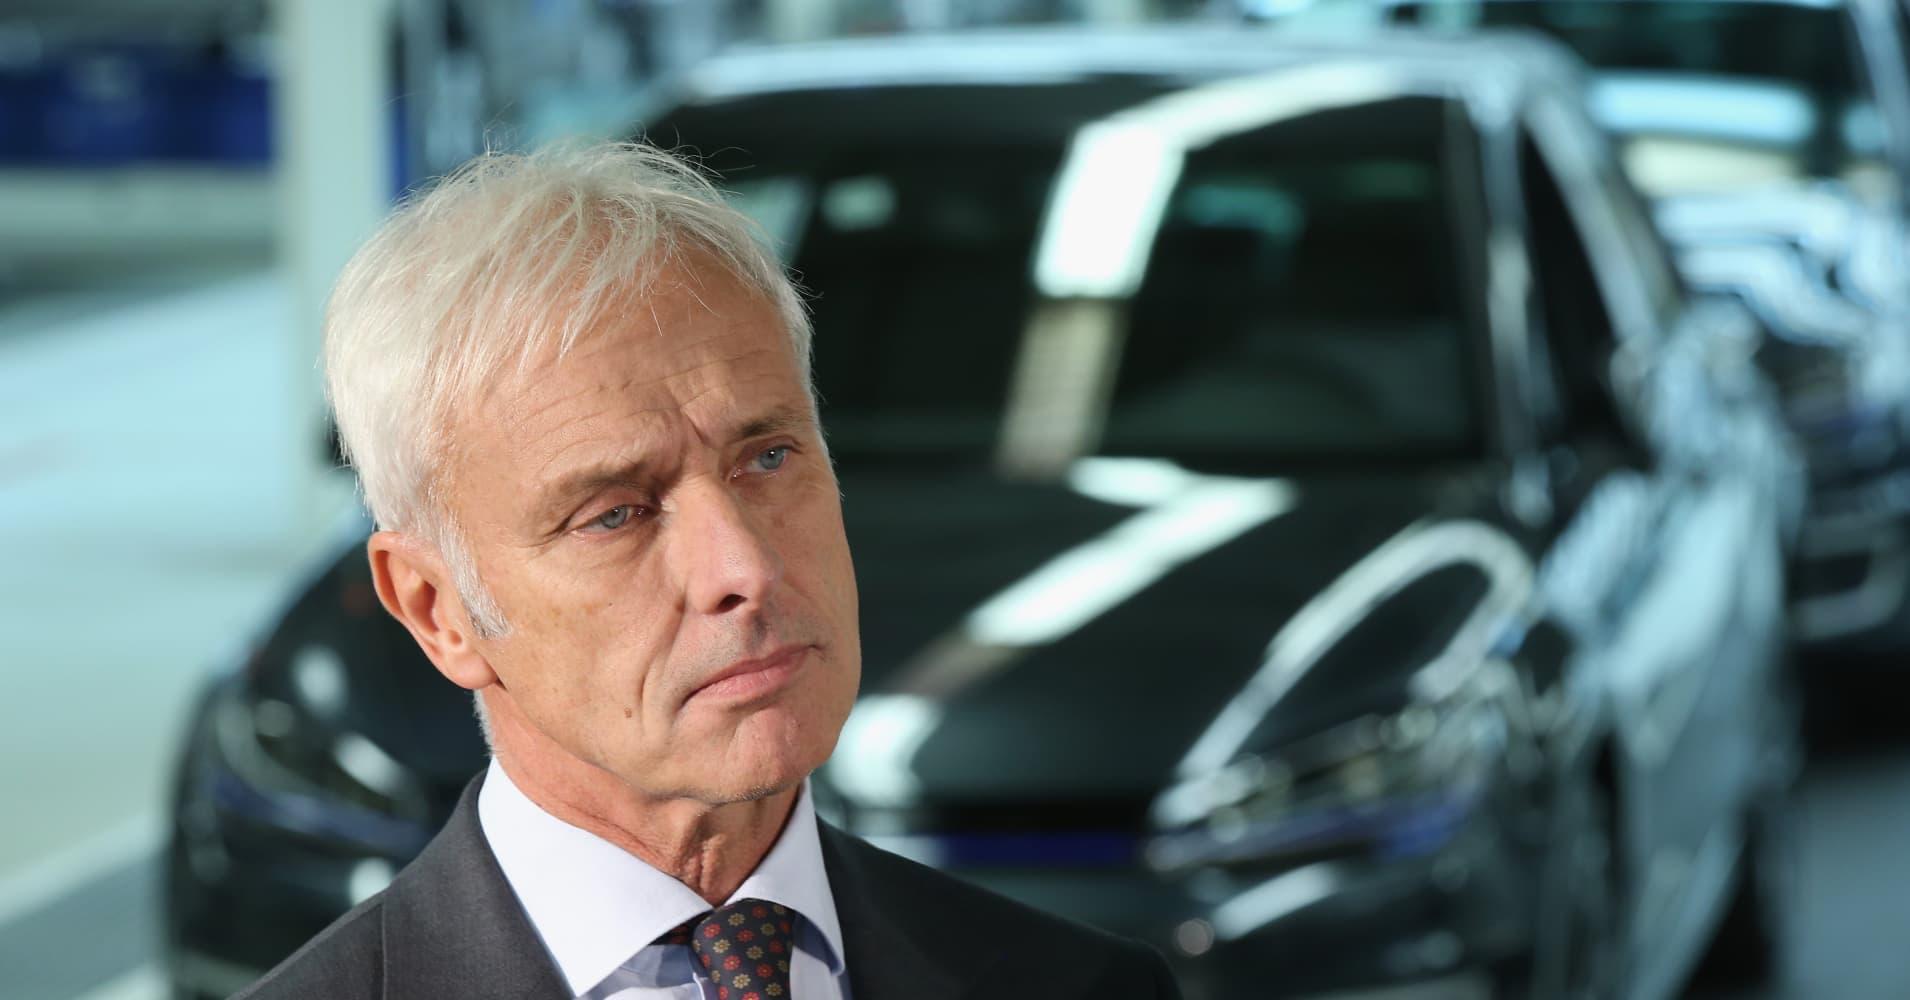 Volkswagen board approved $4.3 billion US criminal civil settlement: Report